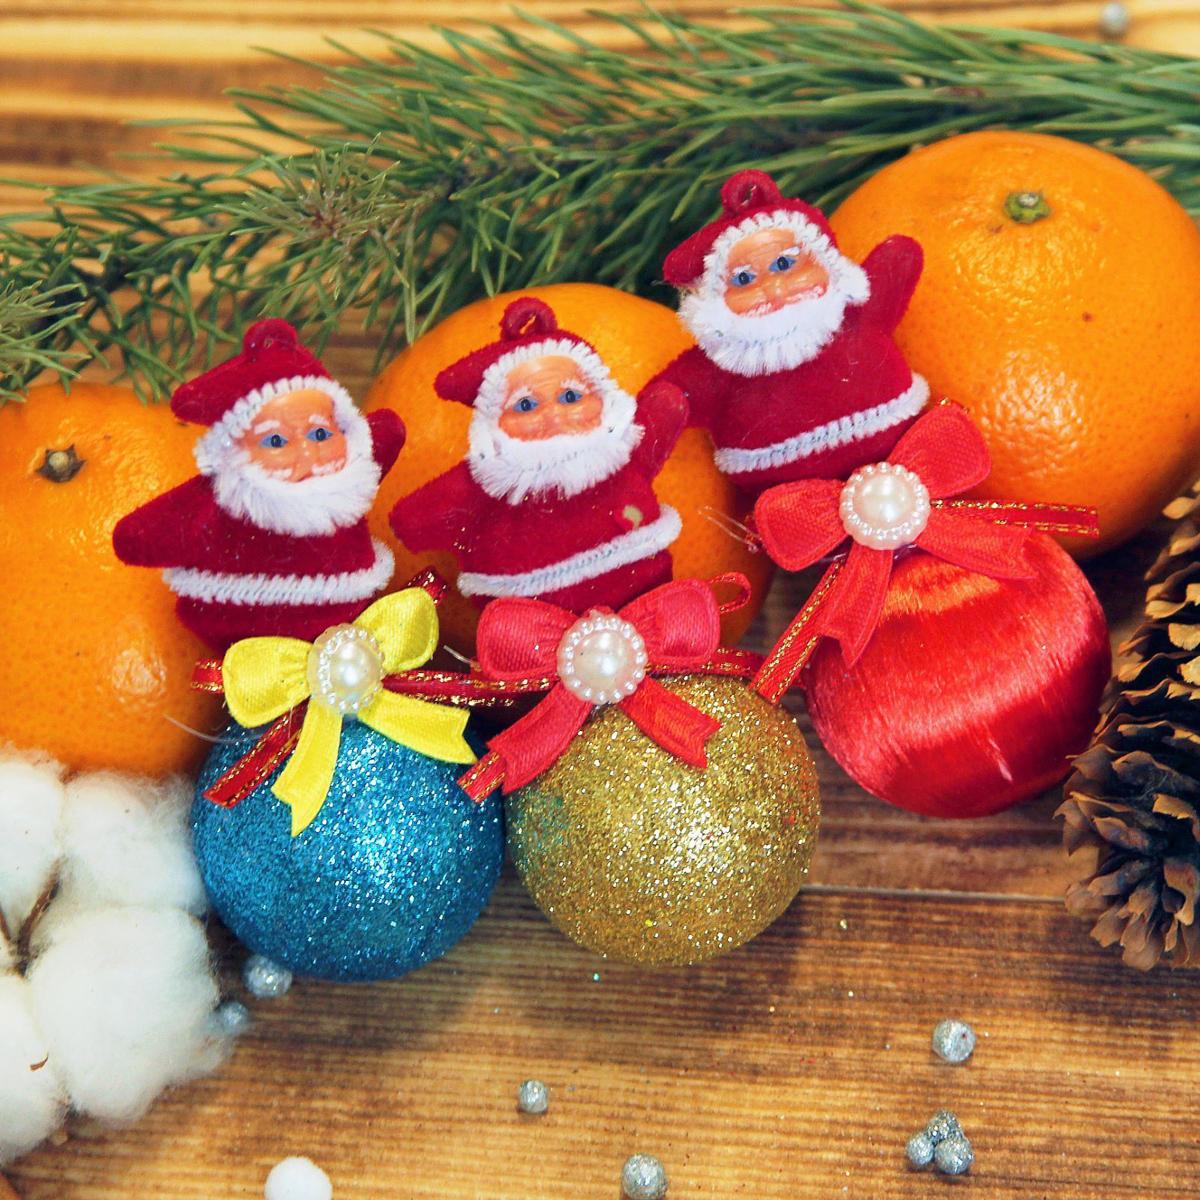 Набор новогодних подвесных украшений Дедушка Мороз на шарике, 3,5 х 8 см, 3 шт2372119Набор новогодних подвесных украшений отлично подойдет для декорации вашего дома и новогодней ели. С помощью специальной петельки украшение можно повесить в любом понравившемся вам месте. Но, конечно, удачнее всего оно будет смотреться на праздничной елке.Елочная игрушка - символ Нового года. Она несет в себе волшебство и красоту праздника. Такое украшение создаст в вашем доме атмосферу праздника, веселья и радости.